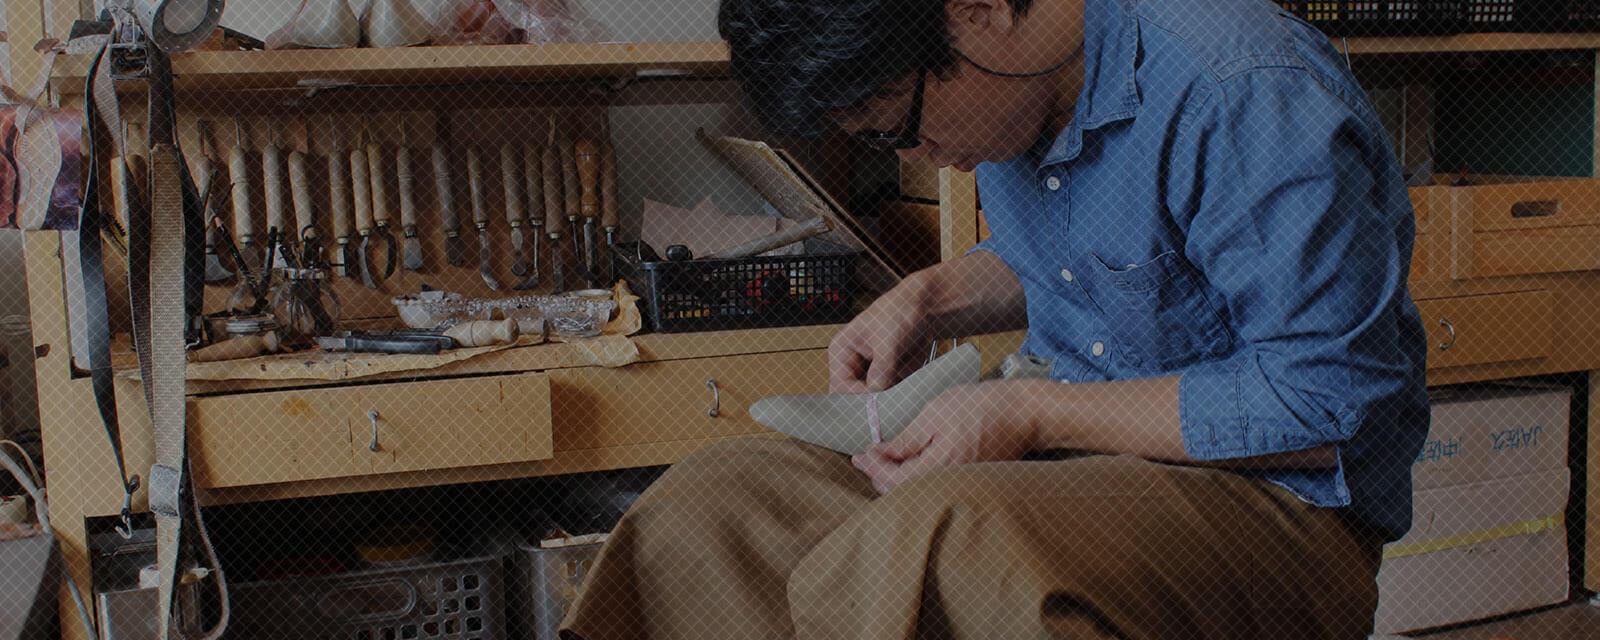 注文靴や靴制作教室を運営しています。